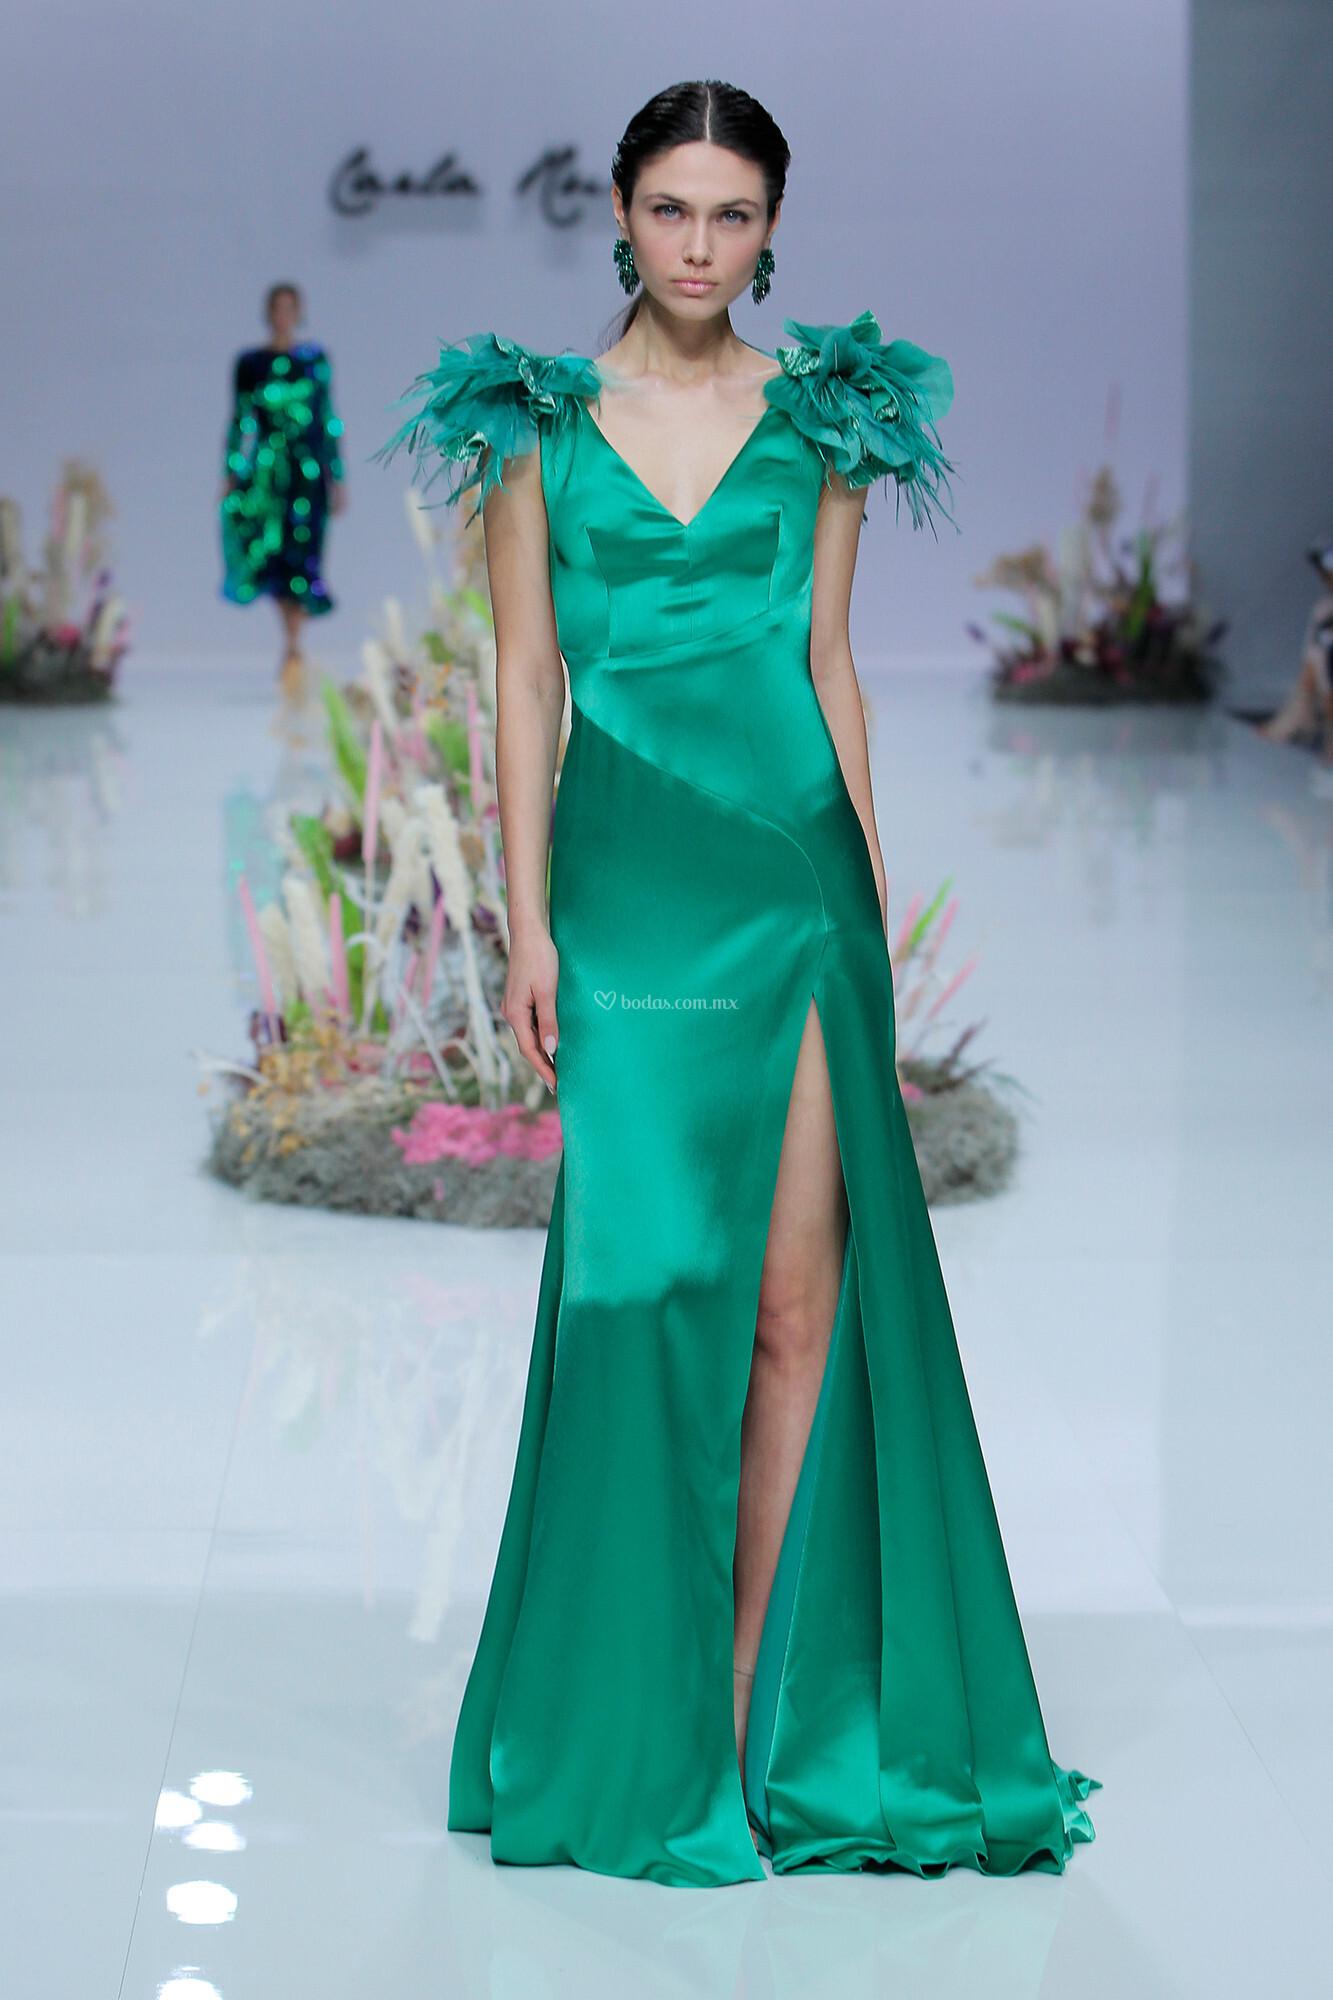 Vestido de Fiesta de Carla Ruiz - CR 002